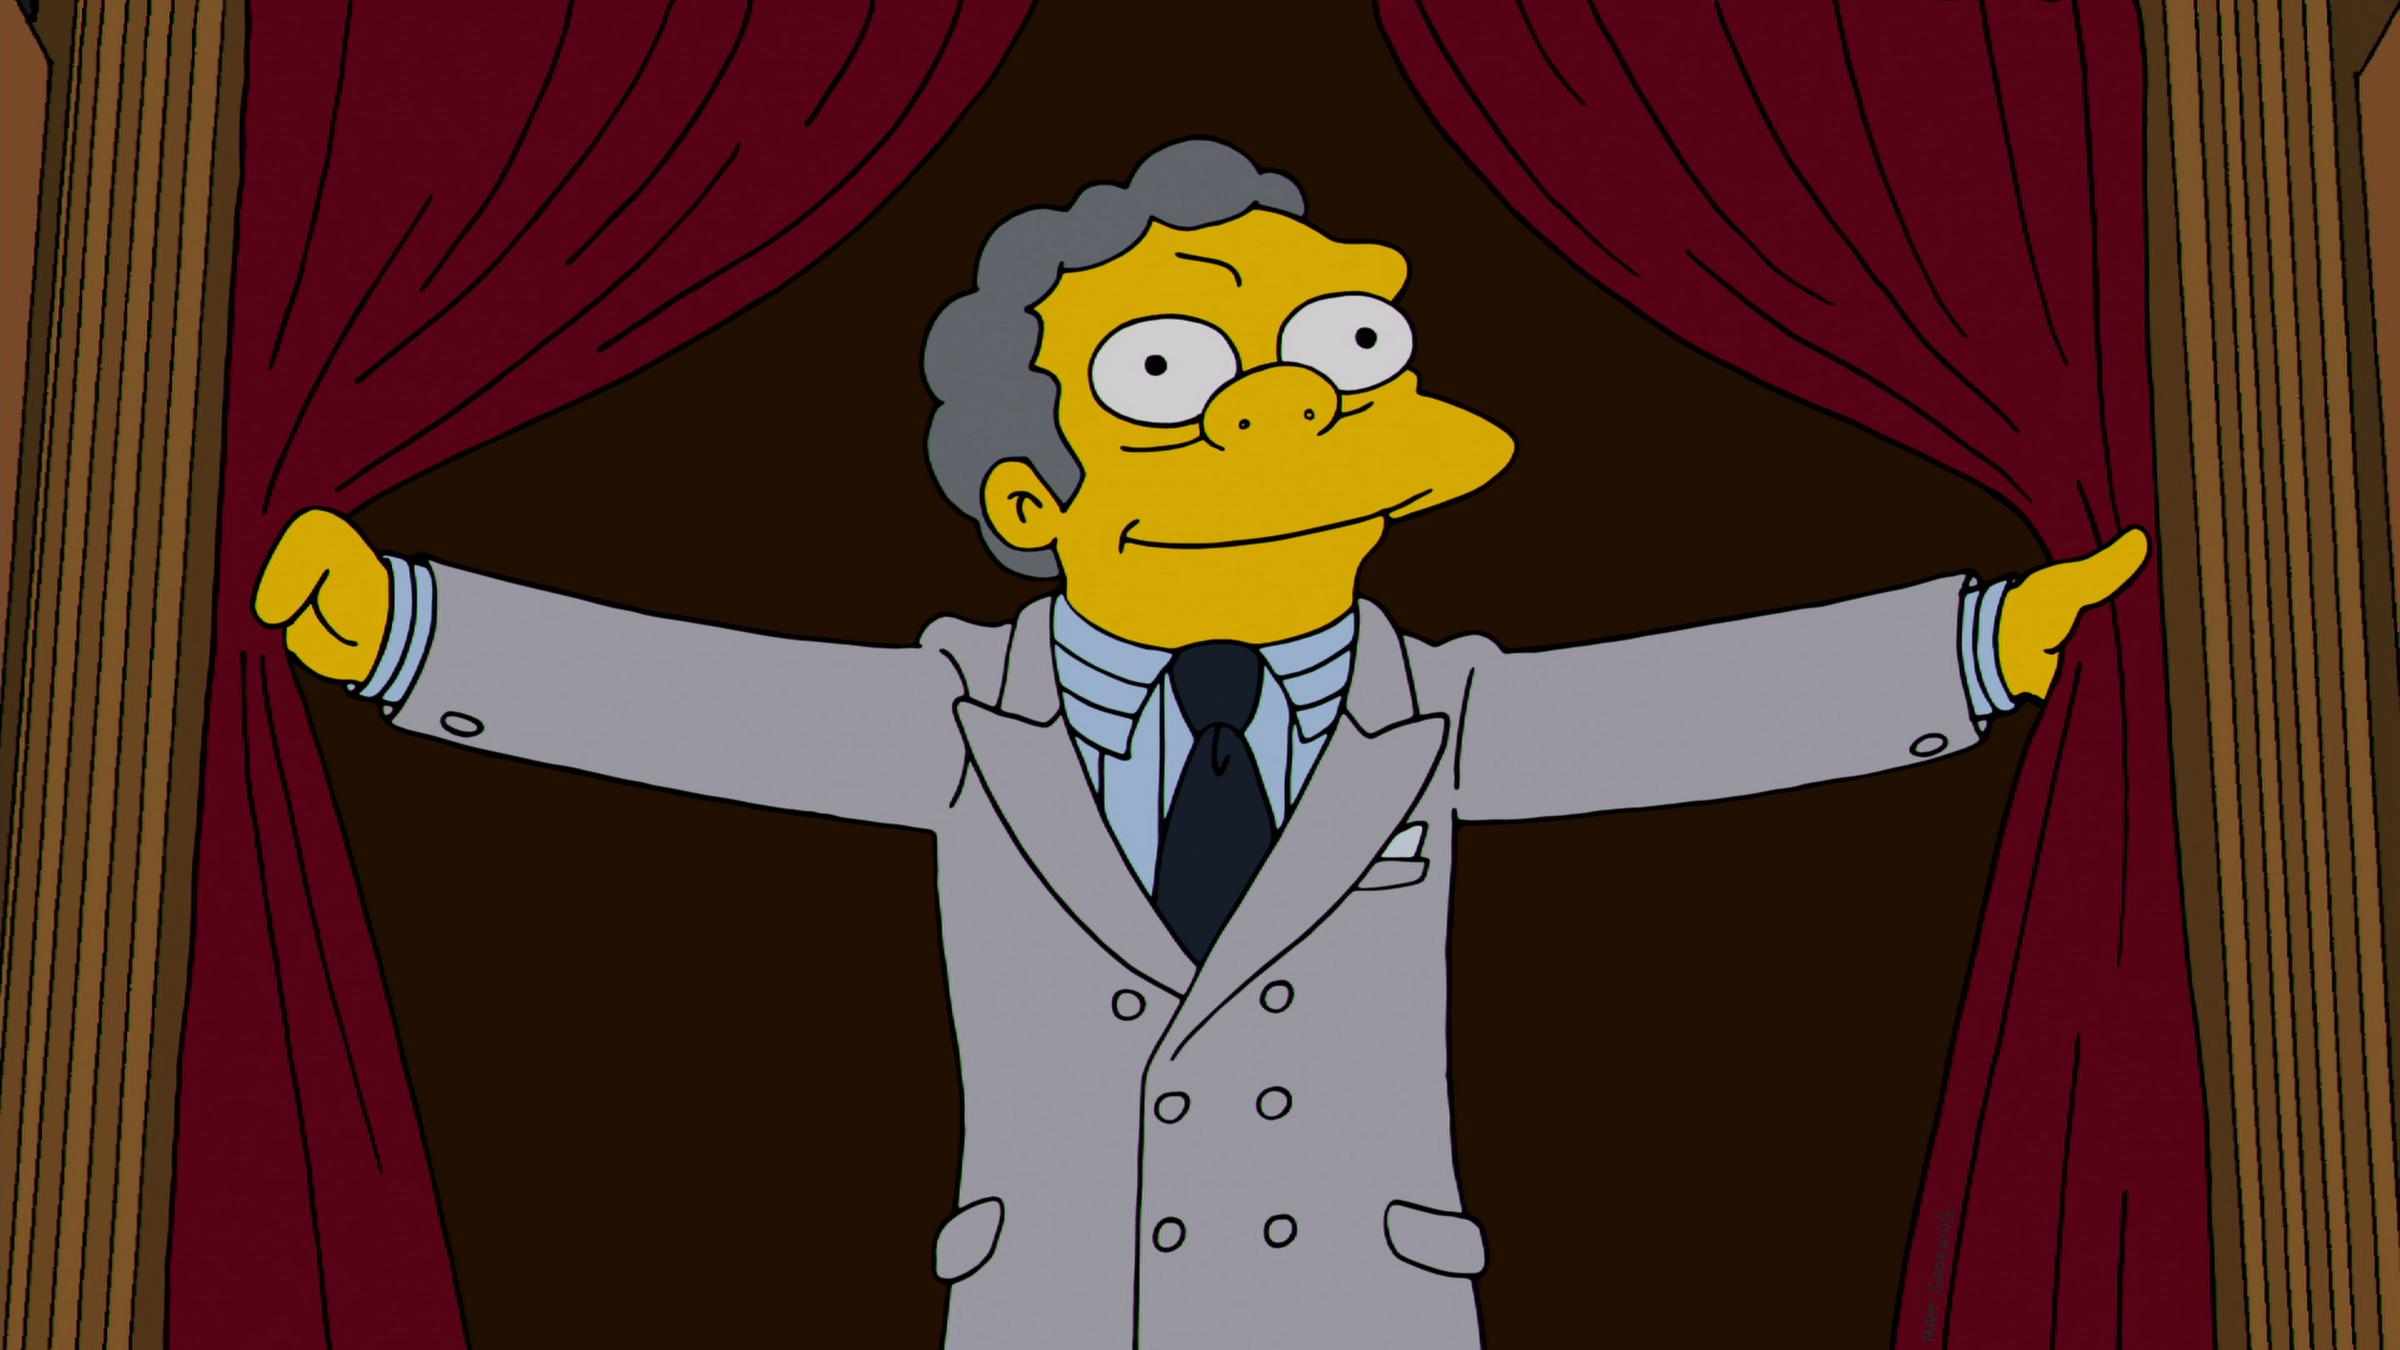 Moe of The Simpsons